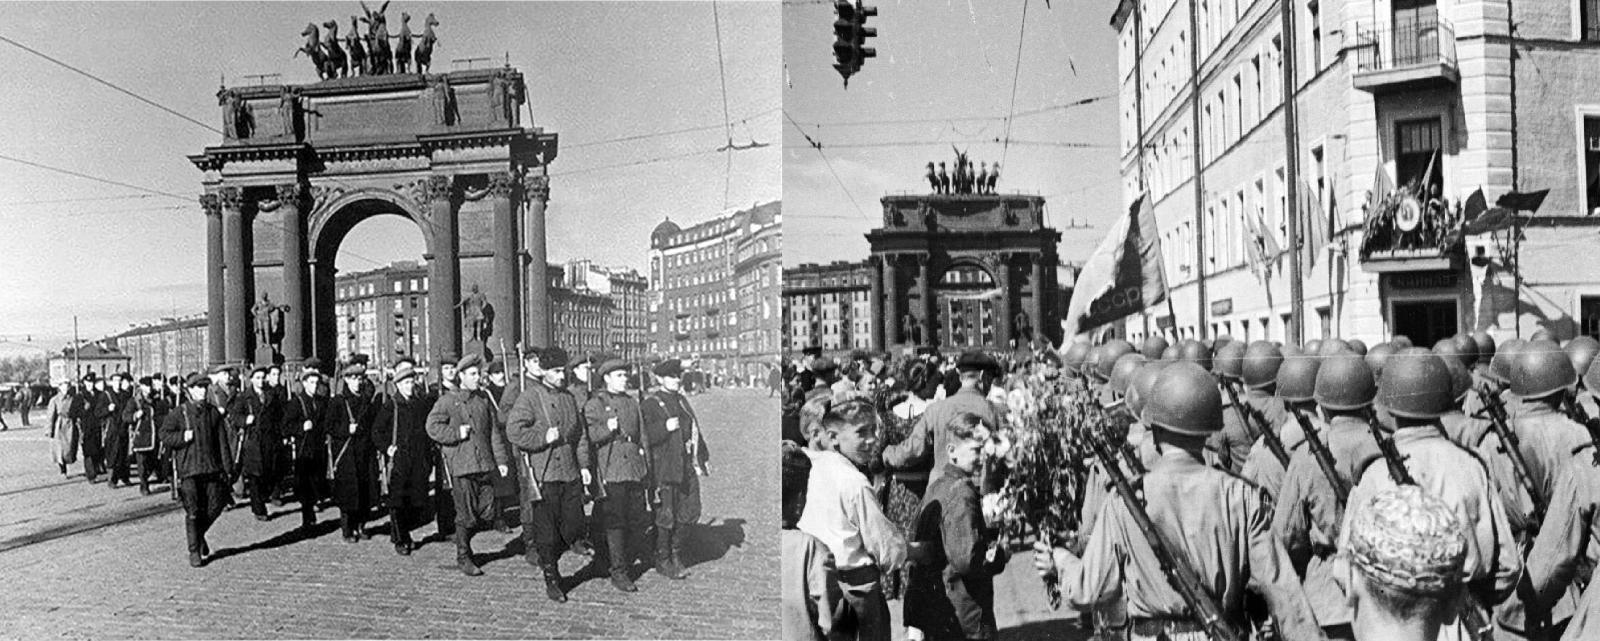 Нарвские ворота в 1941 году и в 1945 году.